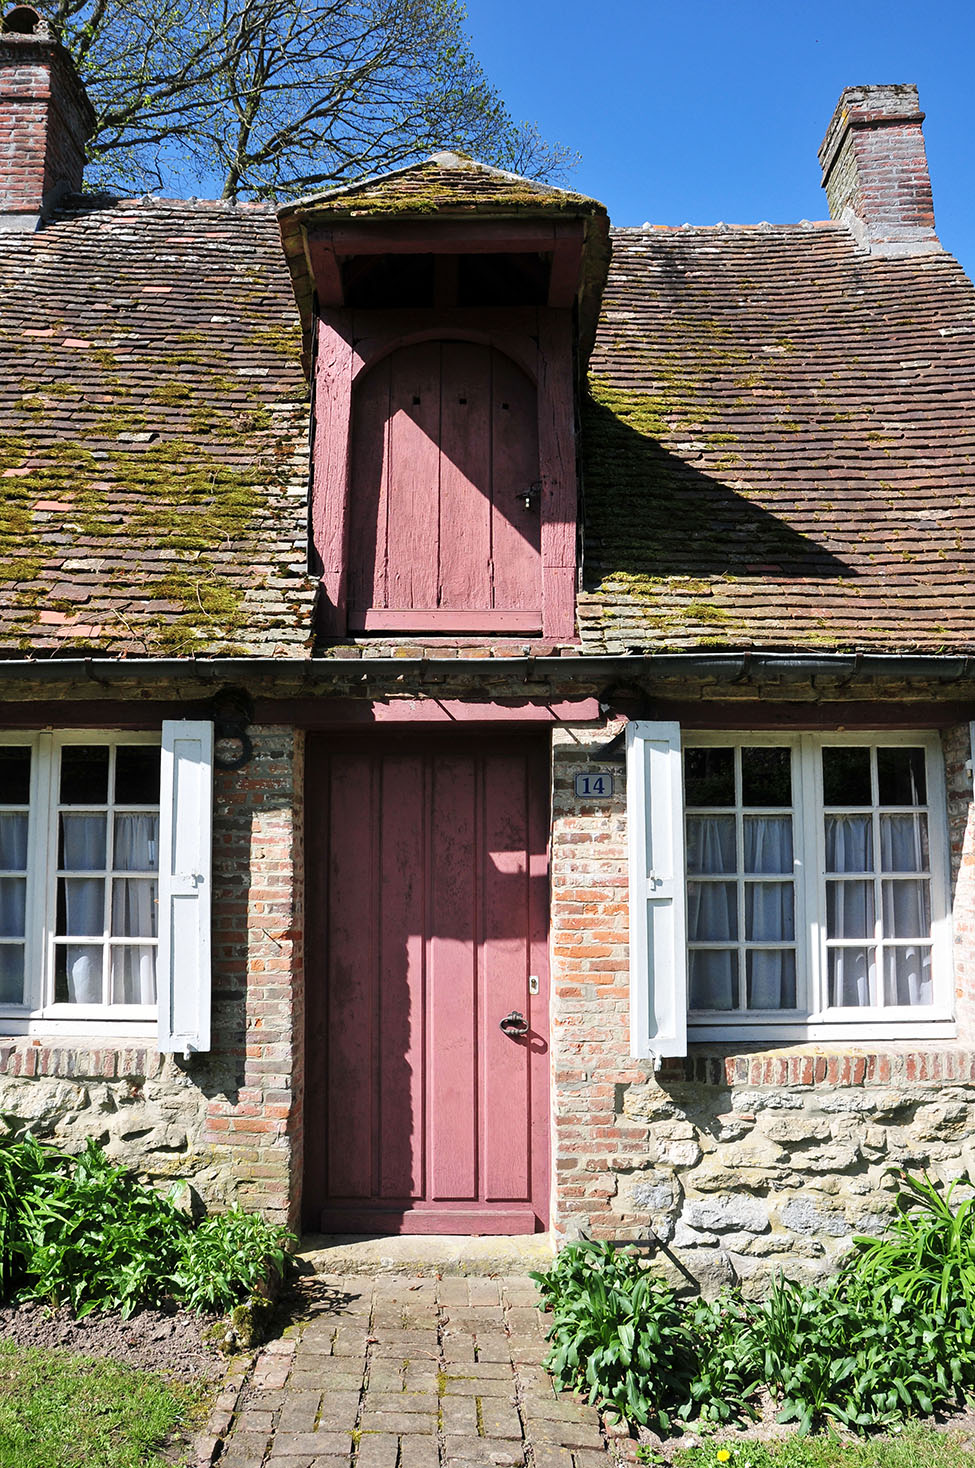 visite de gerberoy , l'un des plus beaux villages de France, dans l'Oise en Picardie